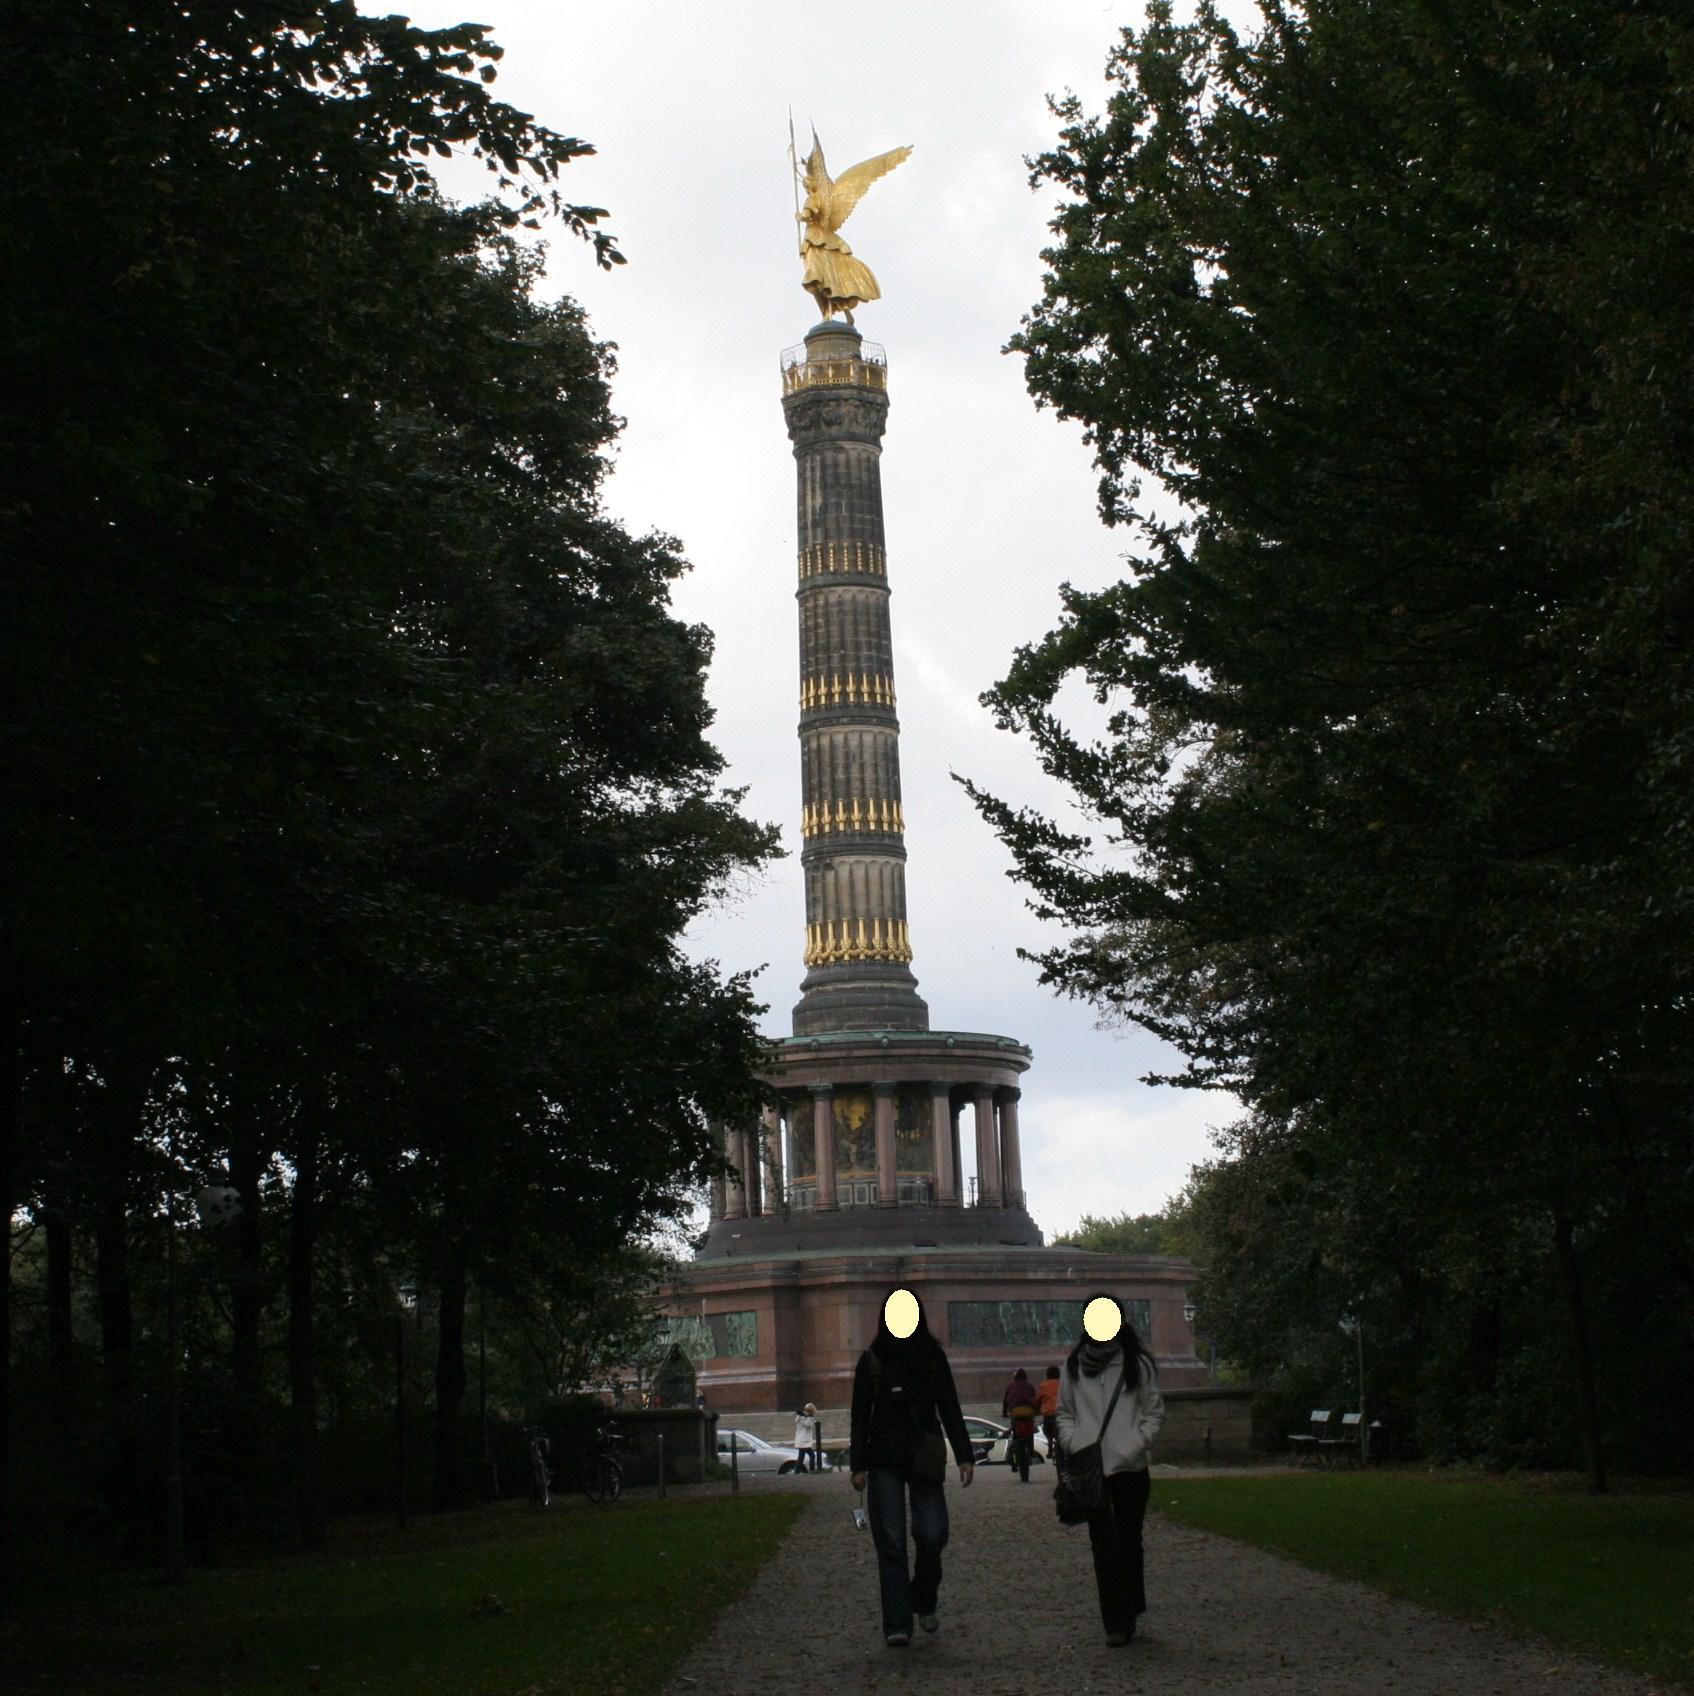 Berlin1_Siegessaeule.jpg